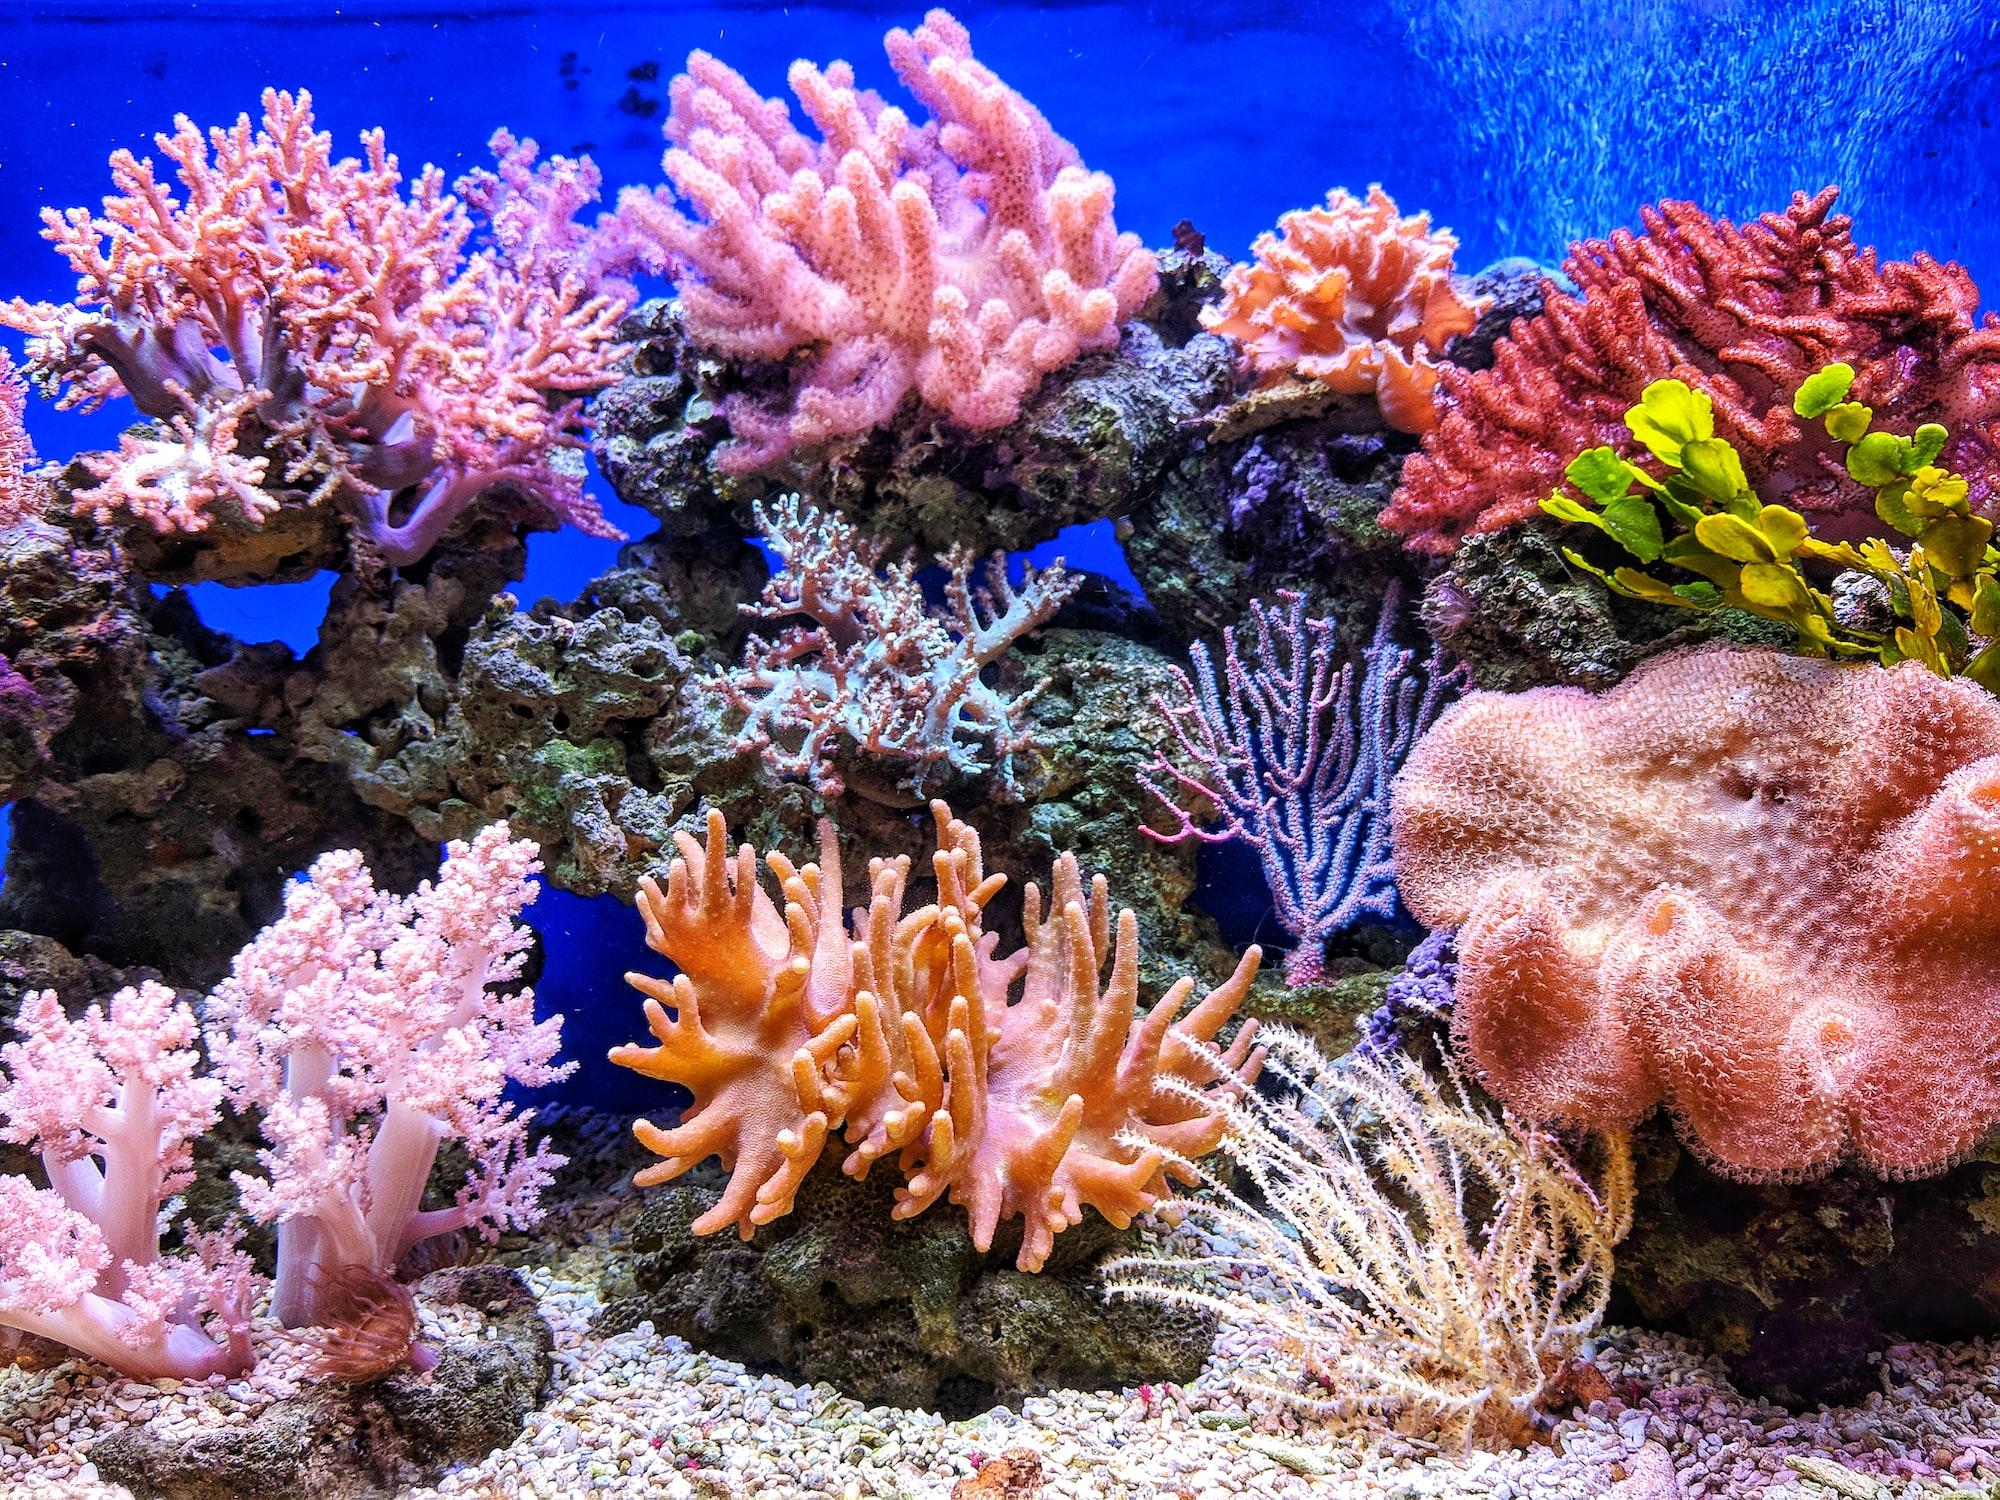 35: Algae blooms, floor sleeping, and corals